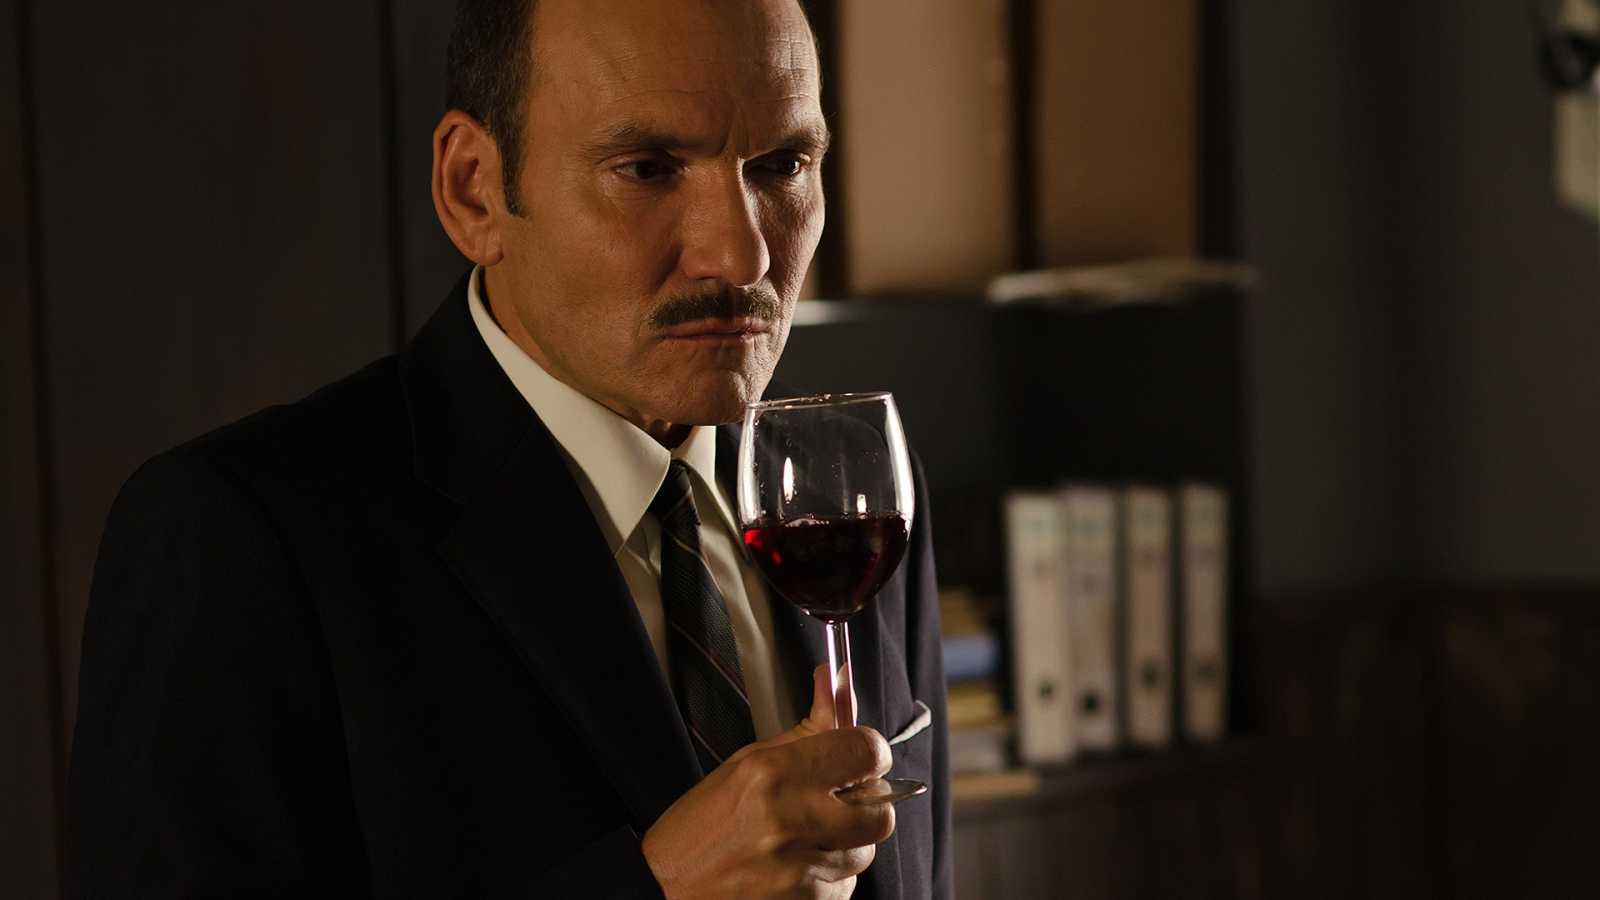 Gran Reserva. El origen - Capítulo 65 - Santiago se reúne con Joaquín Ormaechea y compra su silencio acerca del vino intoxicado - ver ahora